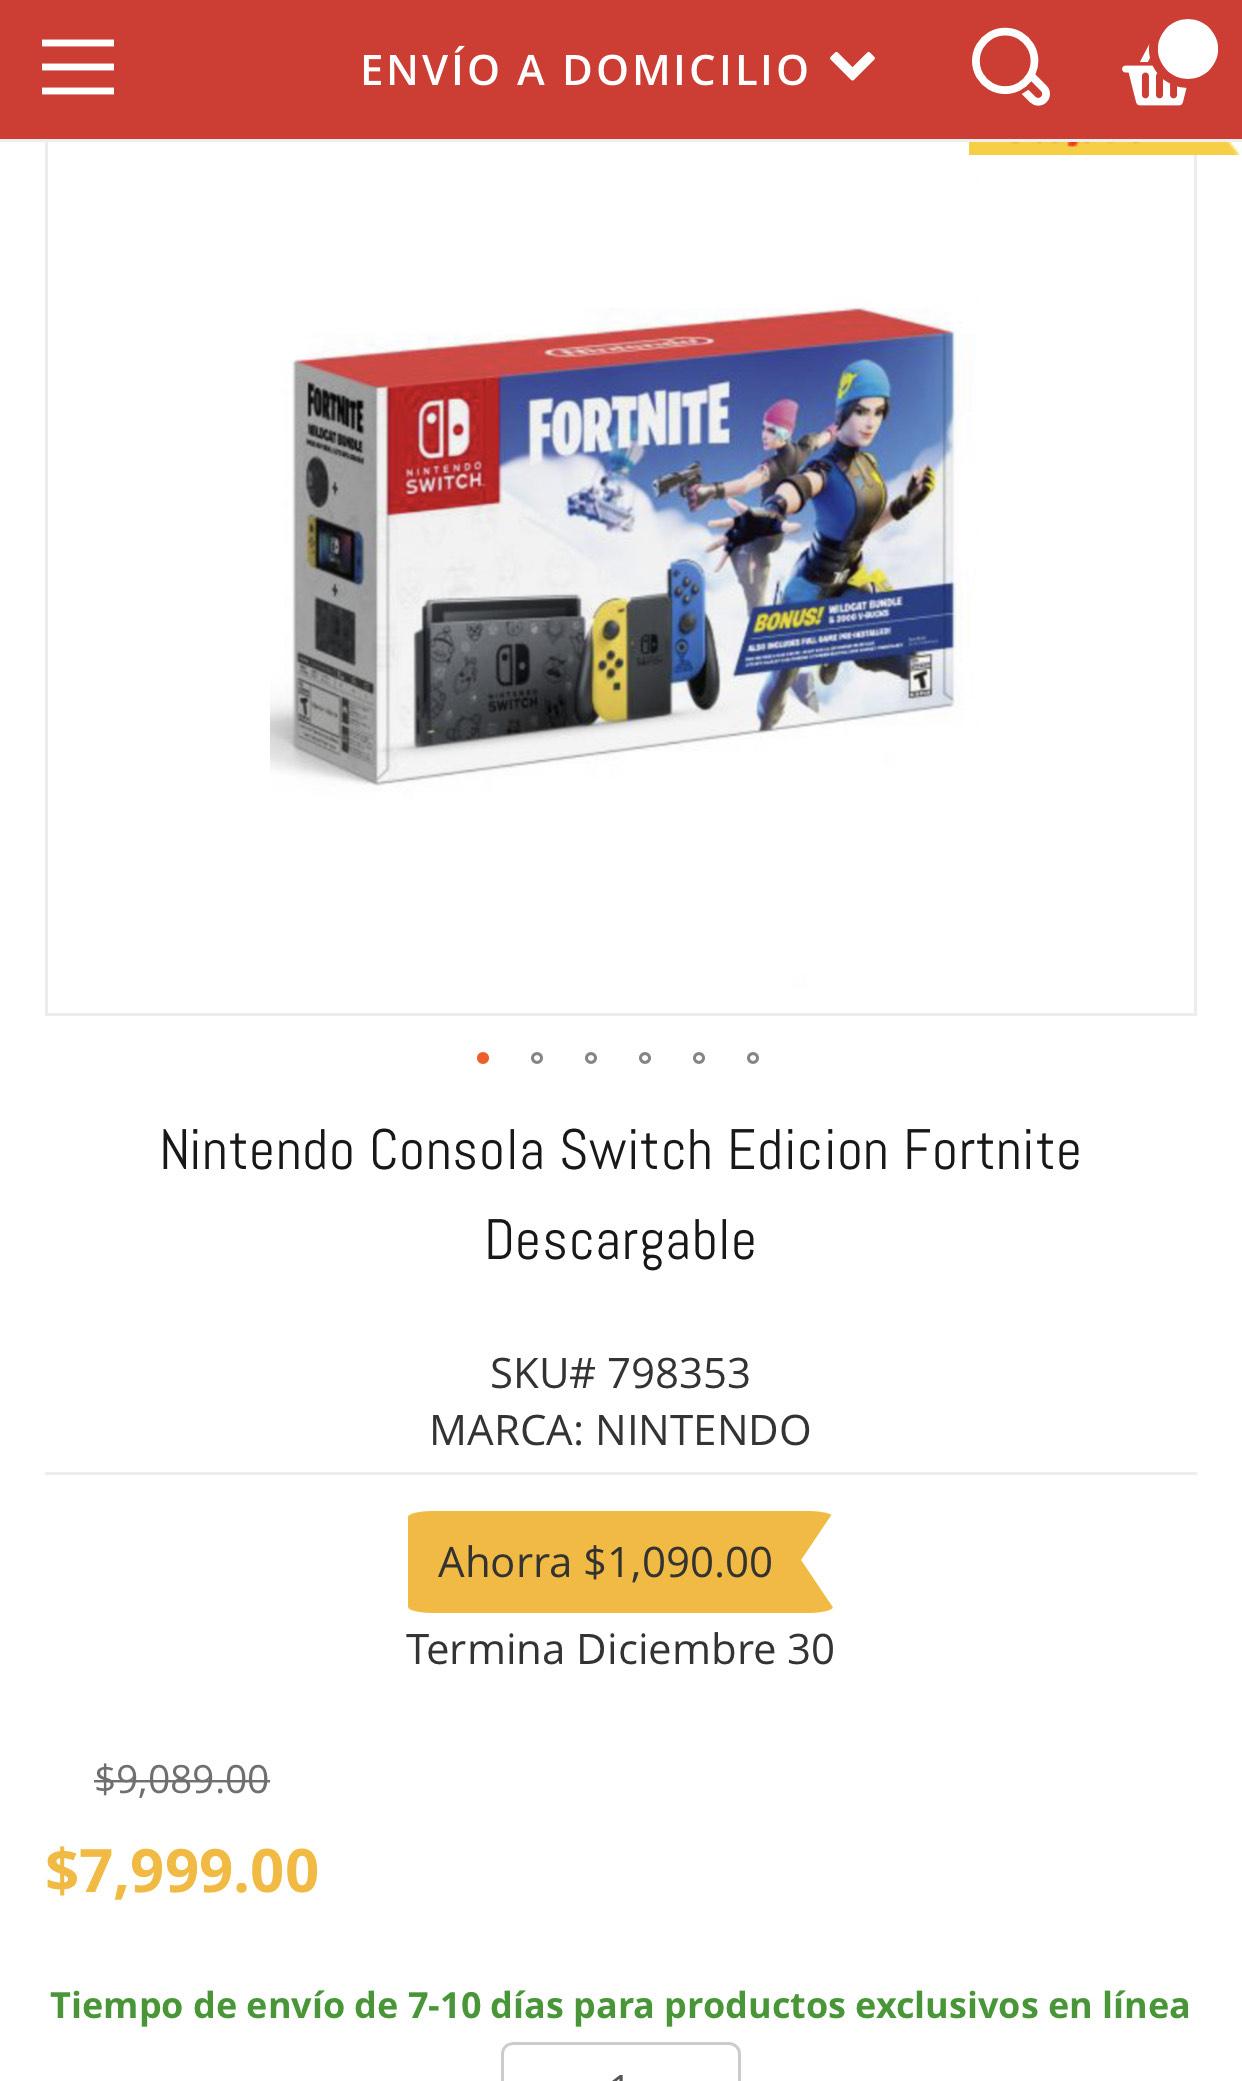 HEB: Nintendo switch edicion fortnite + 10% citibanamex